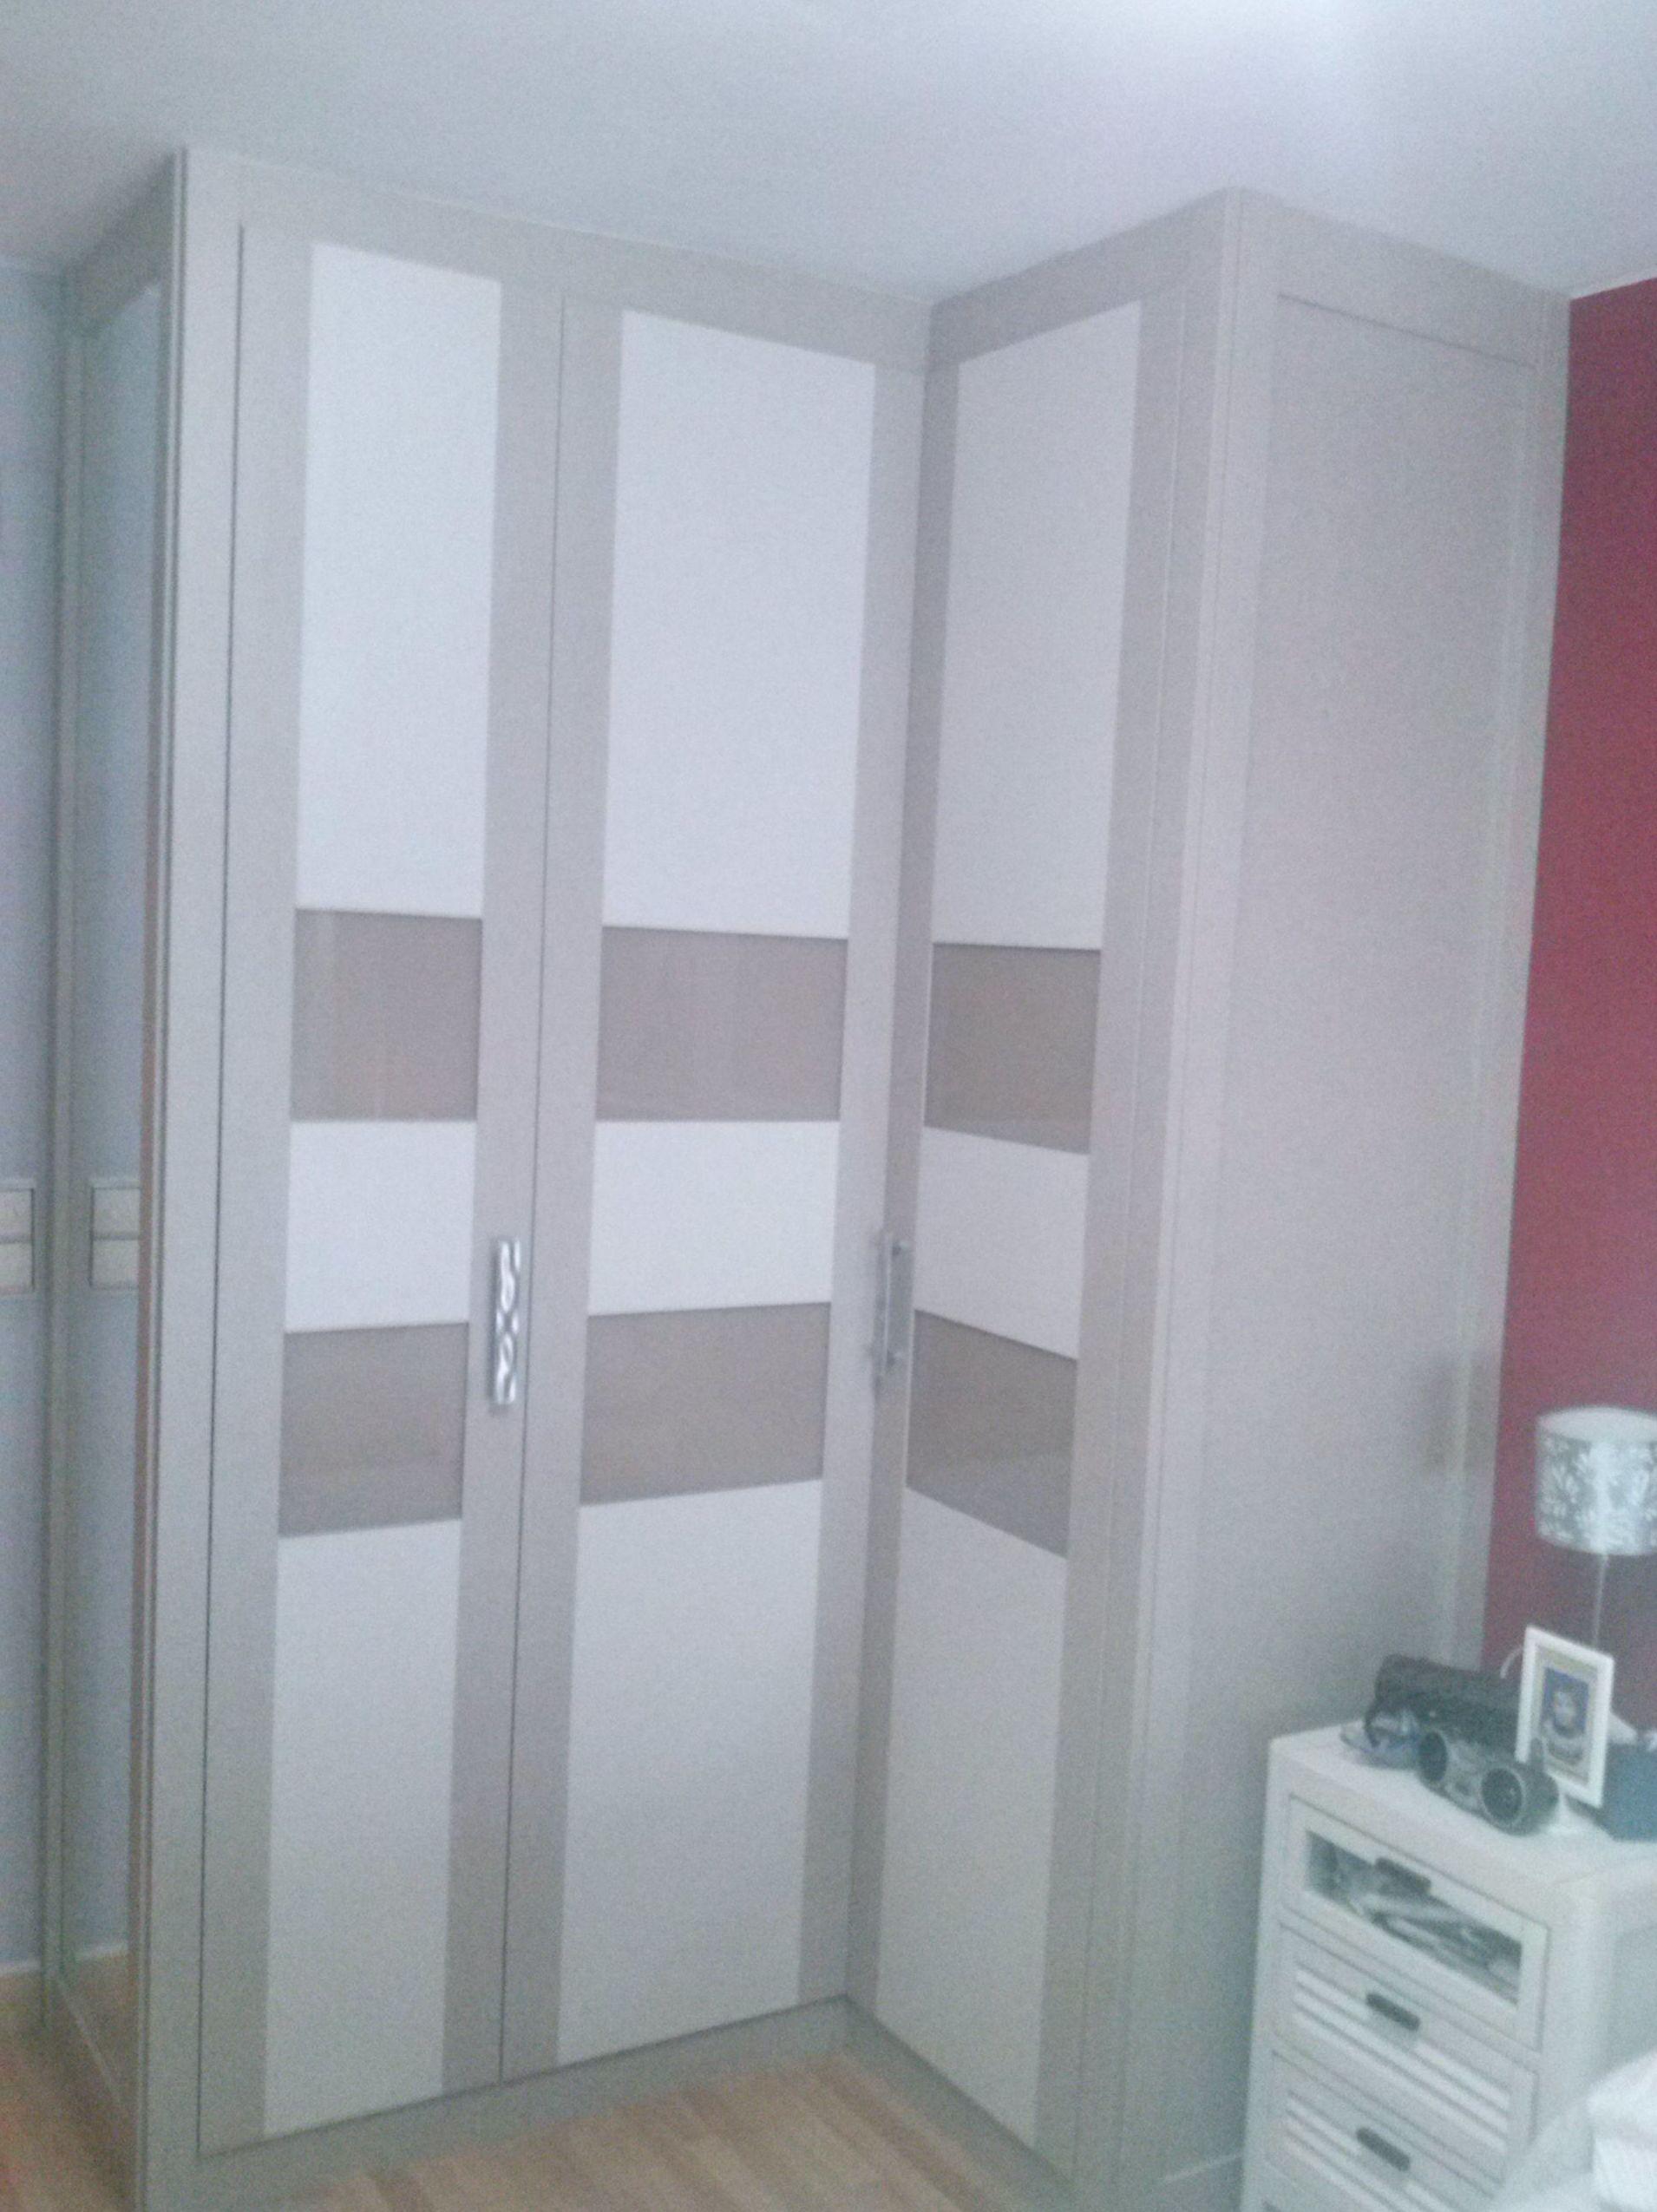 Armarios empotrados blancos stunning armario empotrado for Armarios empotrados blancos